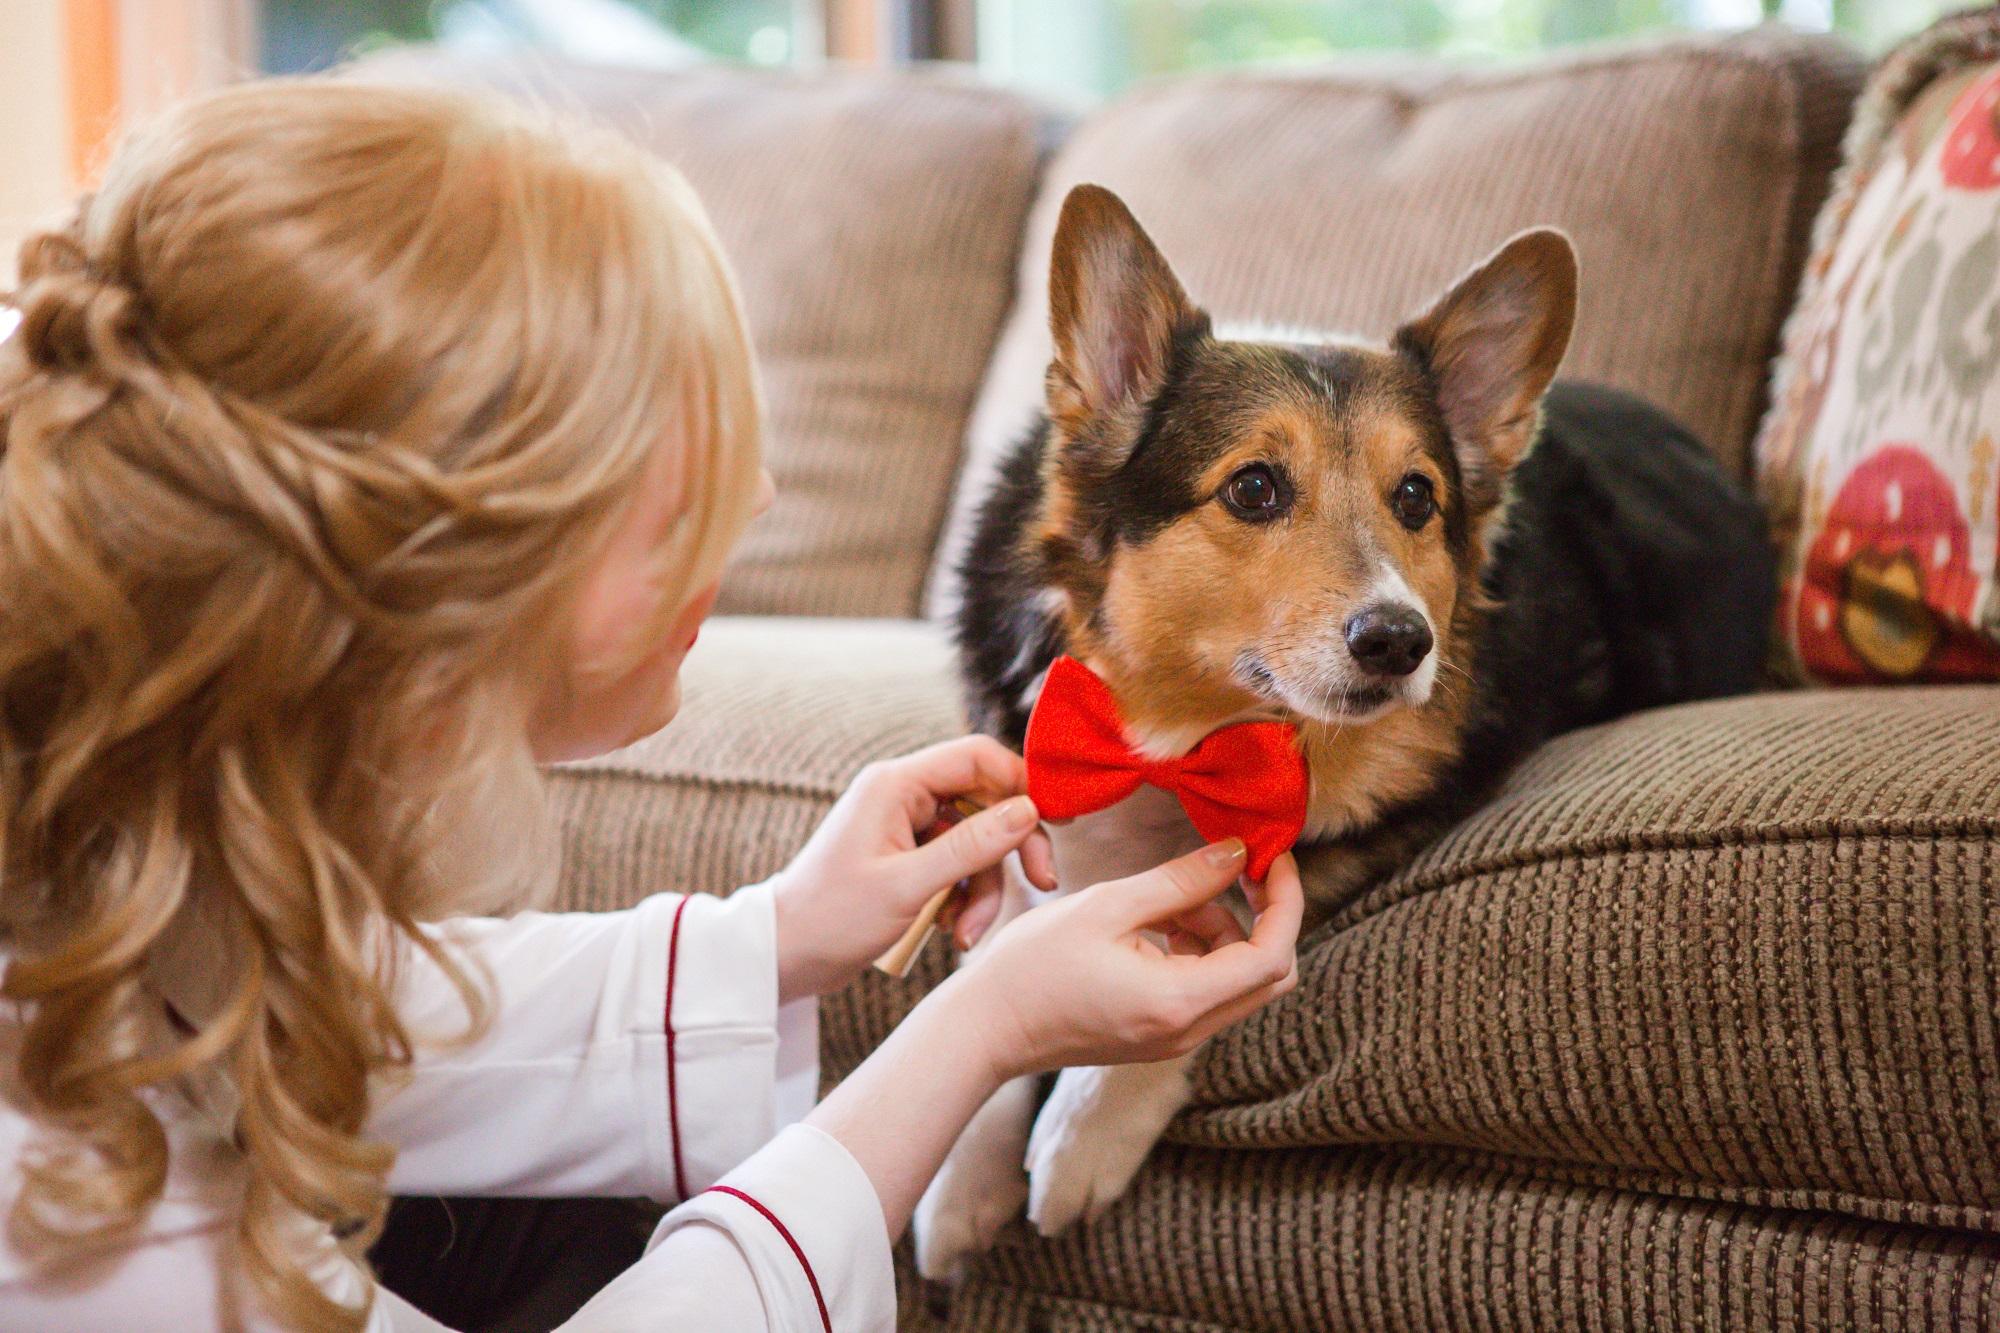 Dr. Lauren with her faithful companion, Cubby the Corgie.